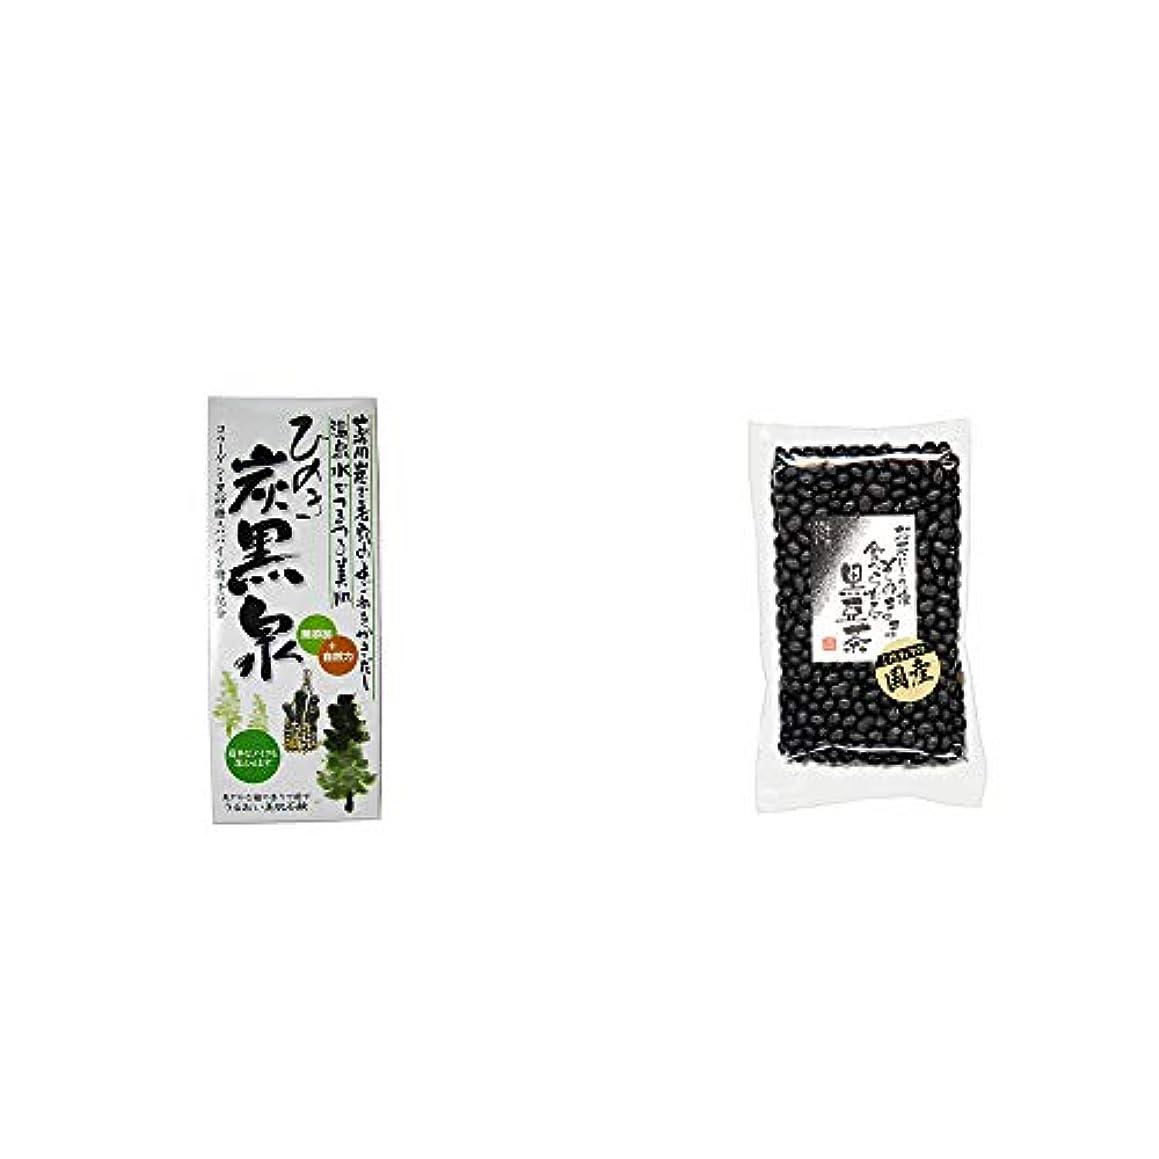 パーティー無理由[2点セット] ひのき炭黒泉 箱入り(75g×3)?国産 黒豆茶(200g)